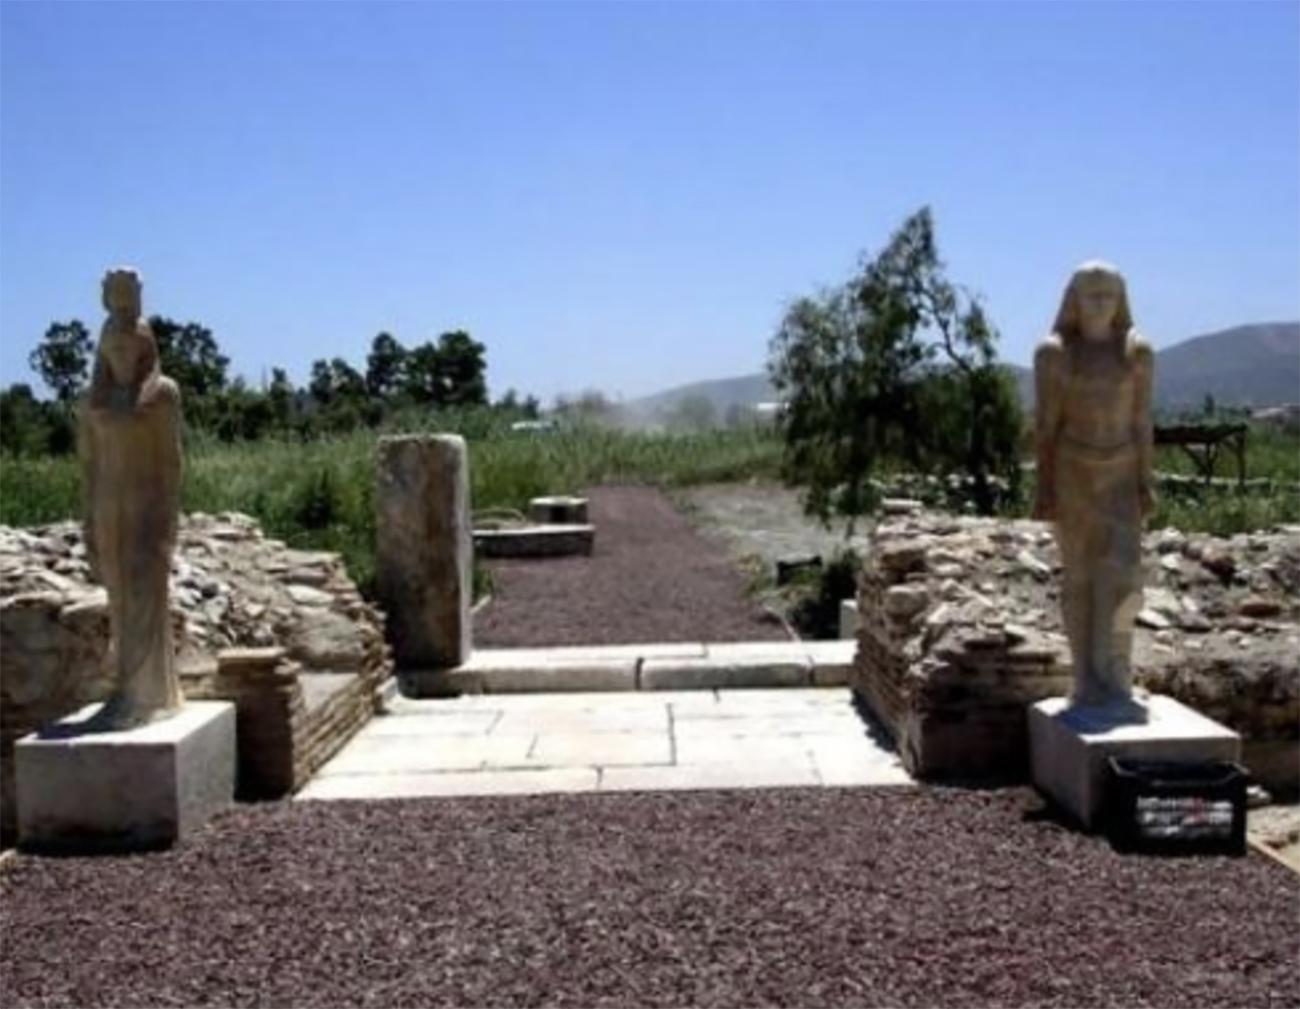 Το ιερό των Αιγυπτίων θεών που βρίσκεται 40 λεπτά από την Αθήνα